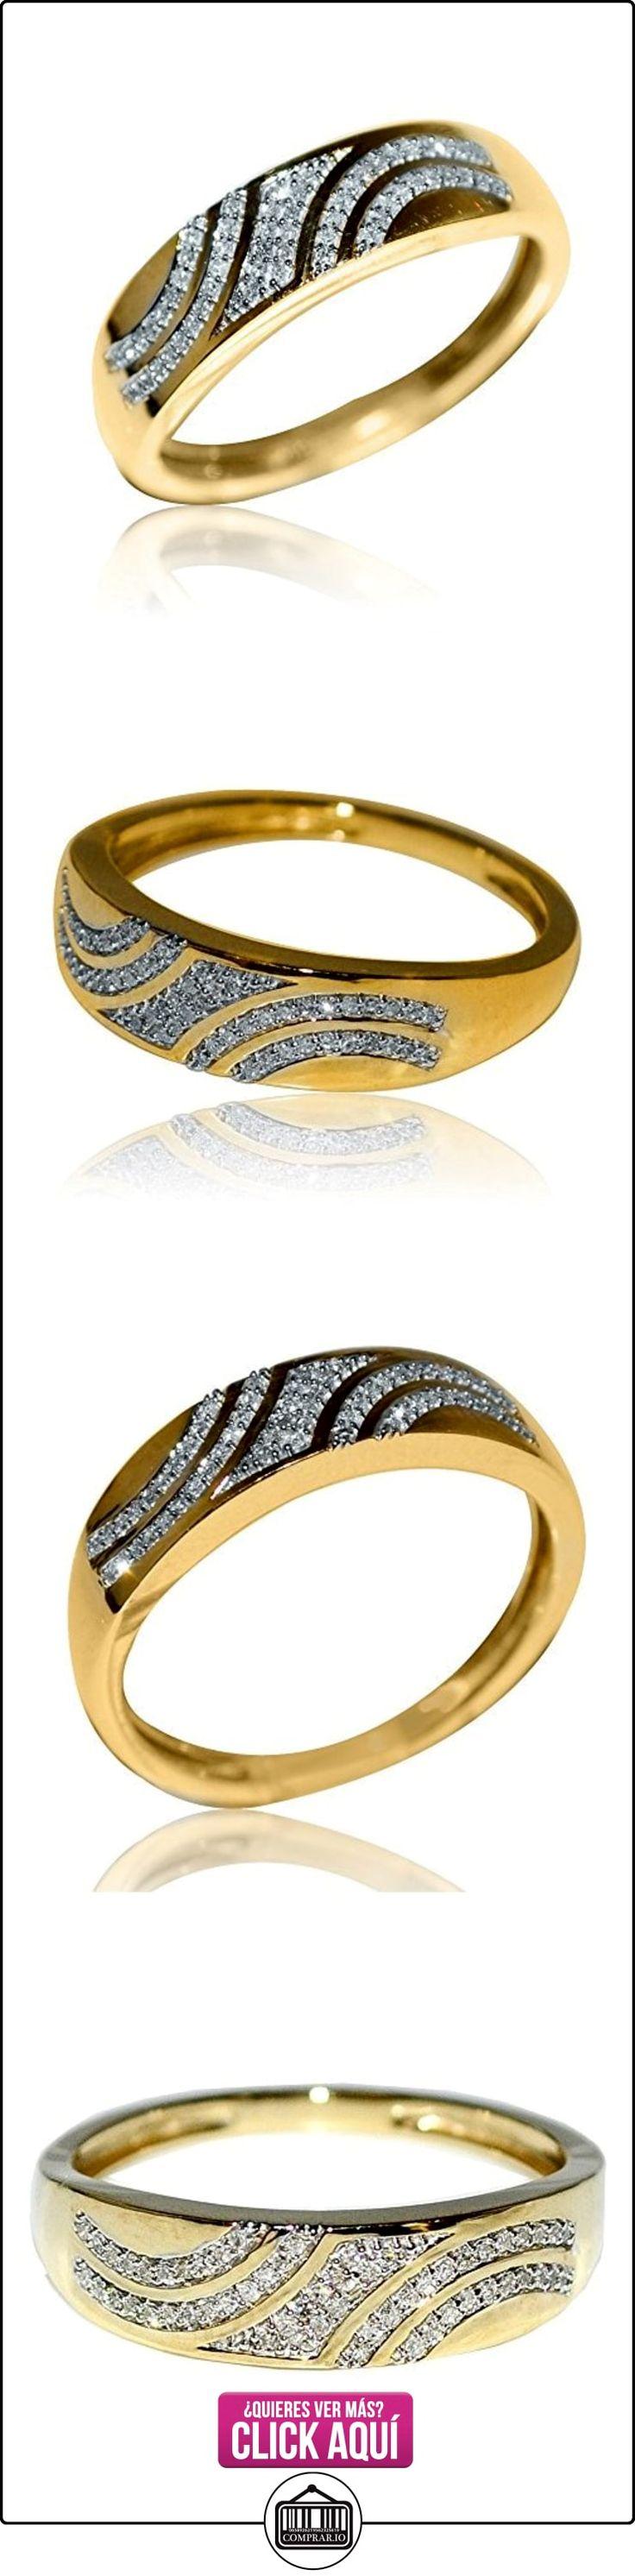 Midwest joyas hombre boda banda Anillos Pave oro amarillo de 10K 1/10cttw 5.5mm de ancho (I/J Color 0,1quilates)  ✿ Joyas para hombres especiales - lujo ✿ ▬► Ver oferta: https://comprar.io/goto/B00PUWPIB4